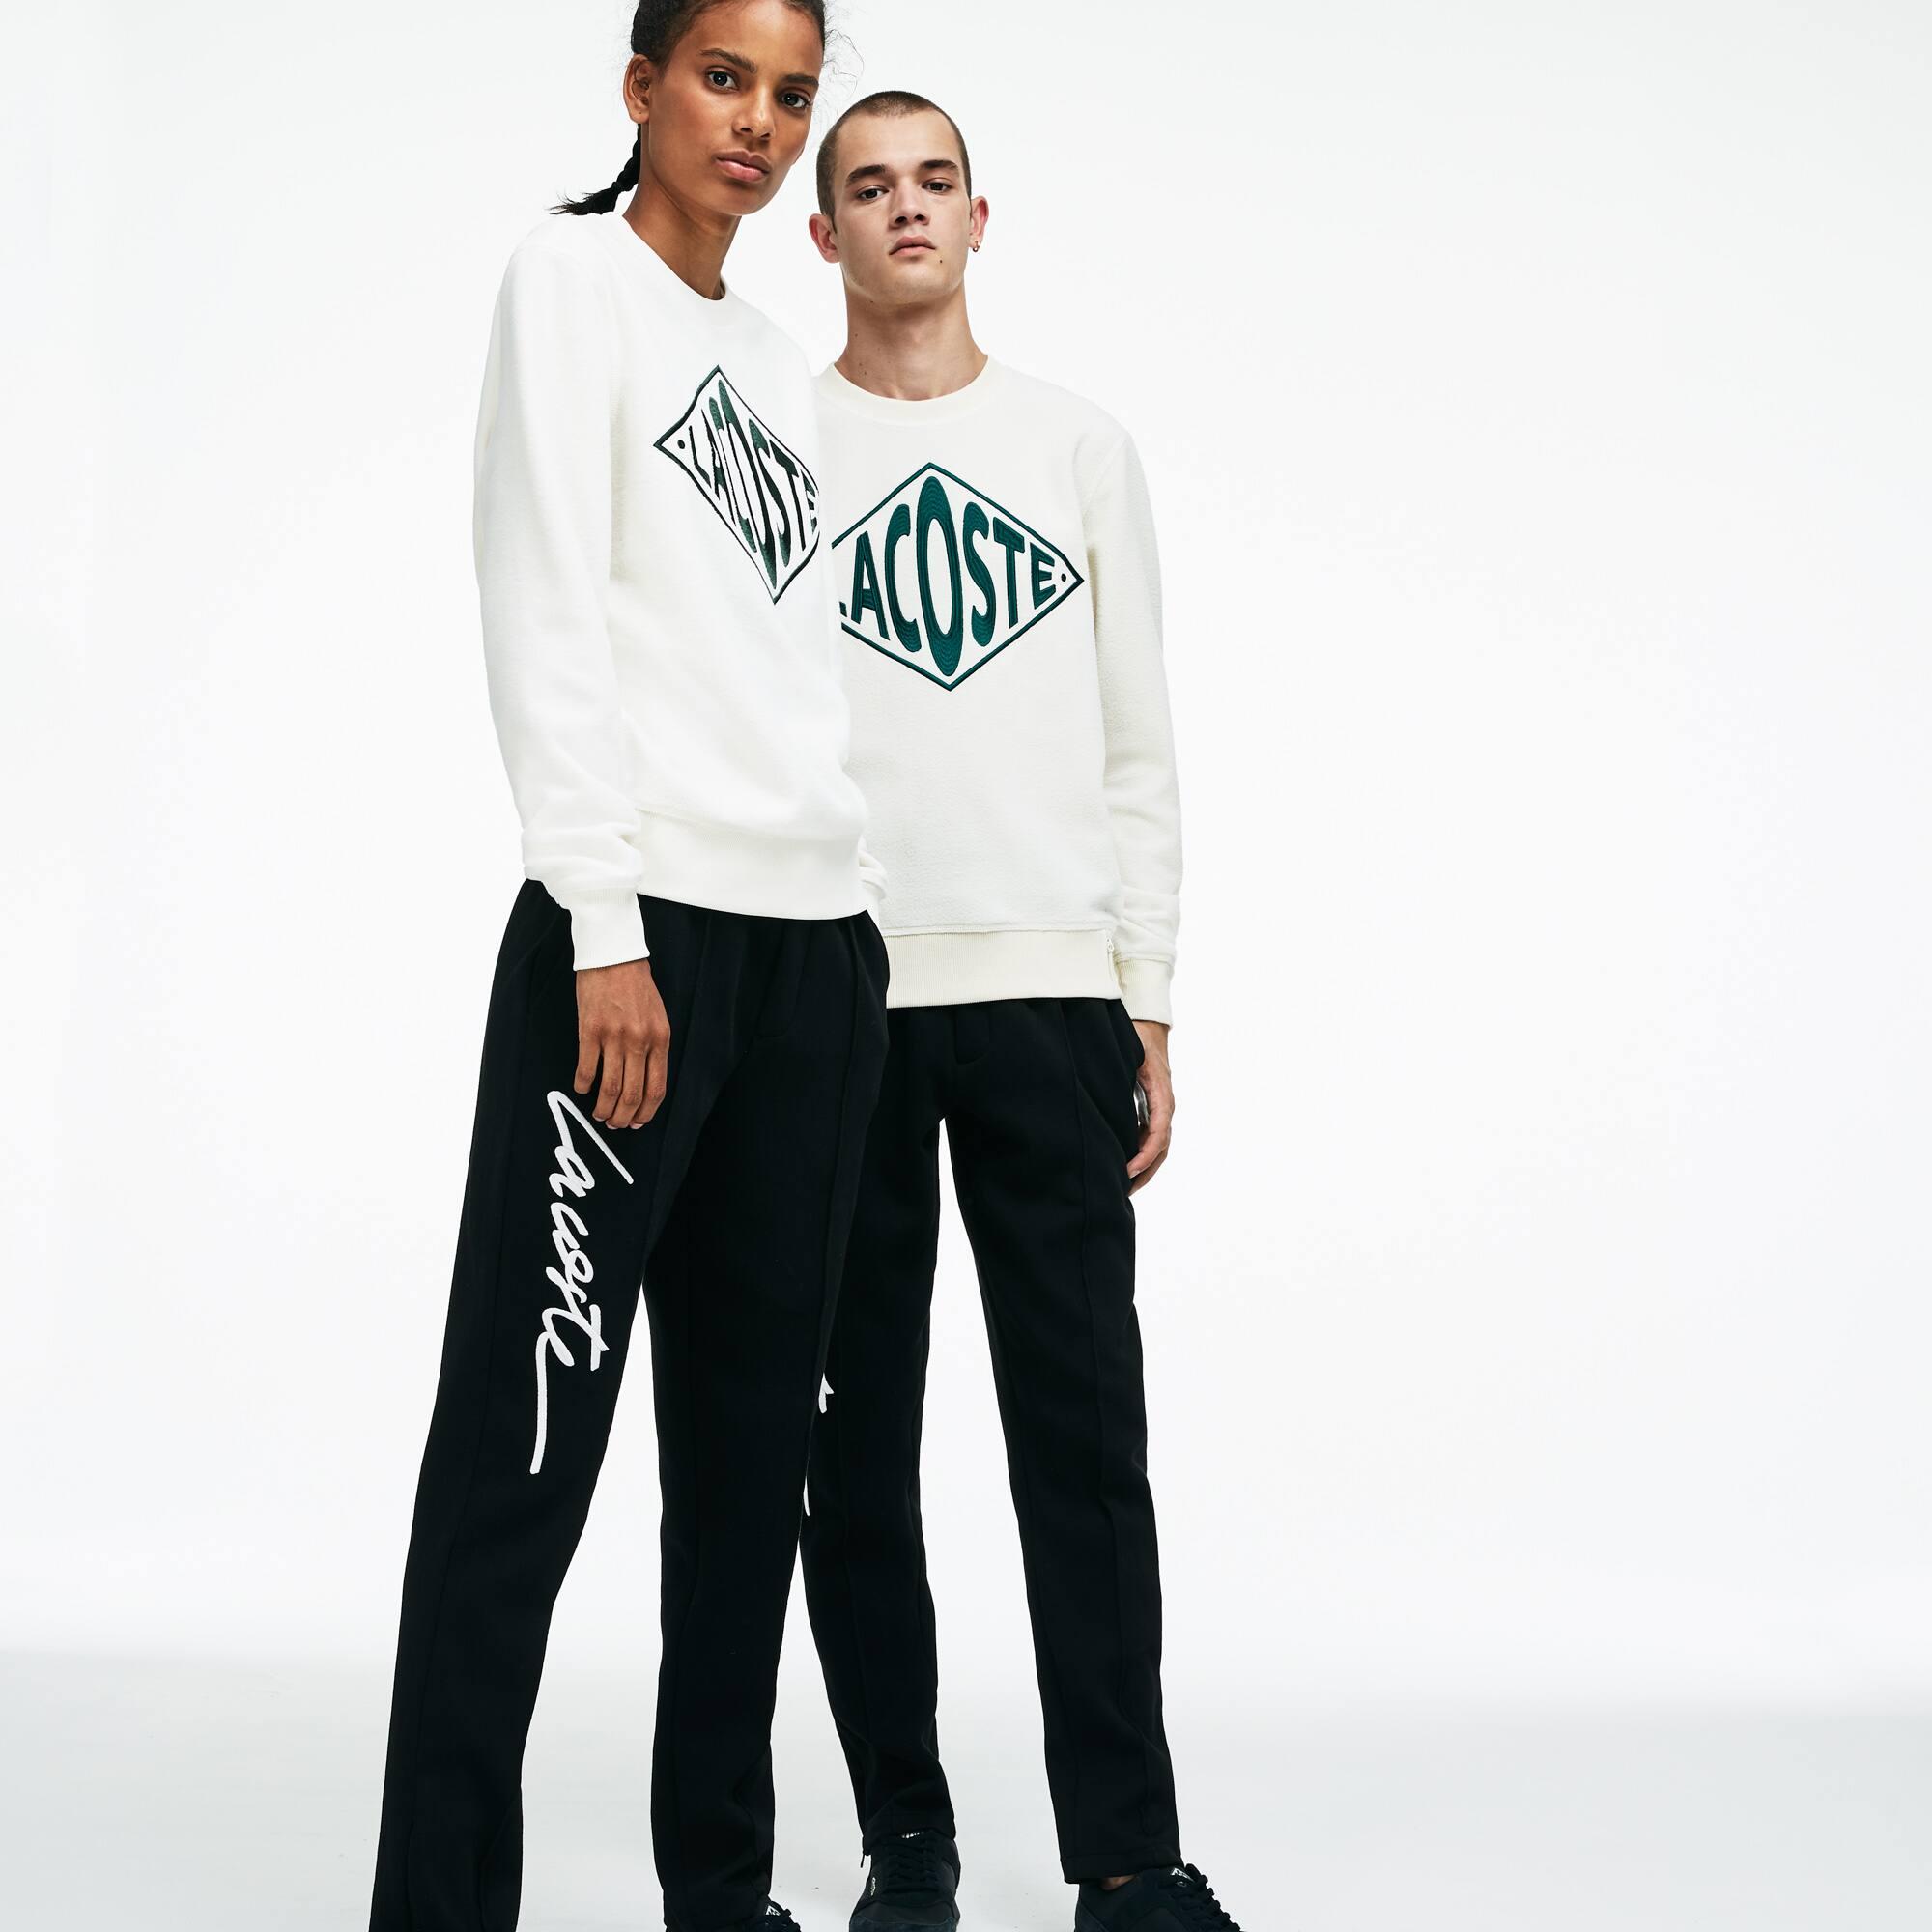 Femme Pantalons Shorts Lacoste amp; Vêtements Fn7zOZ